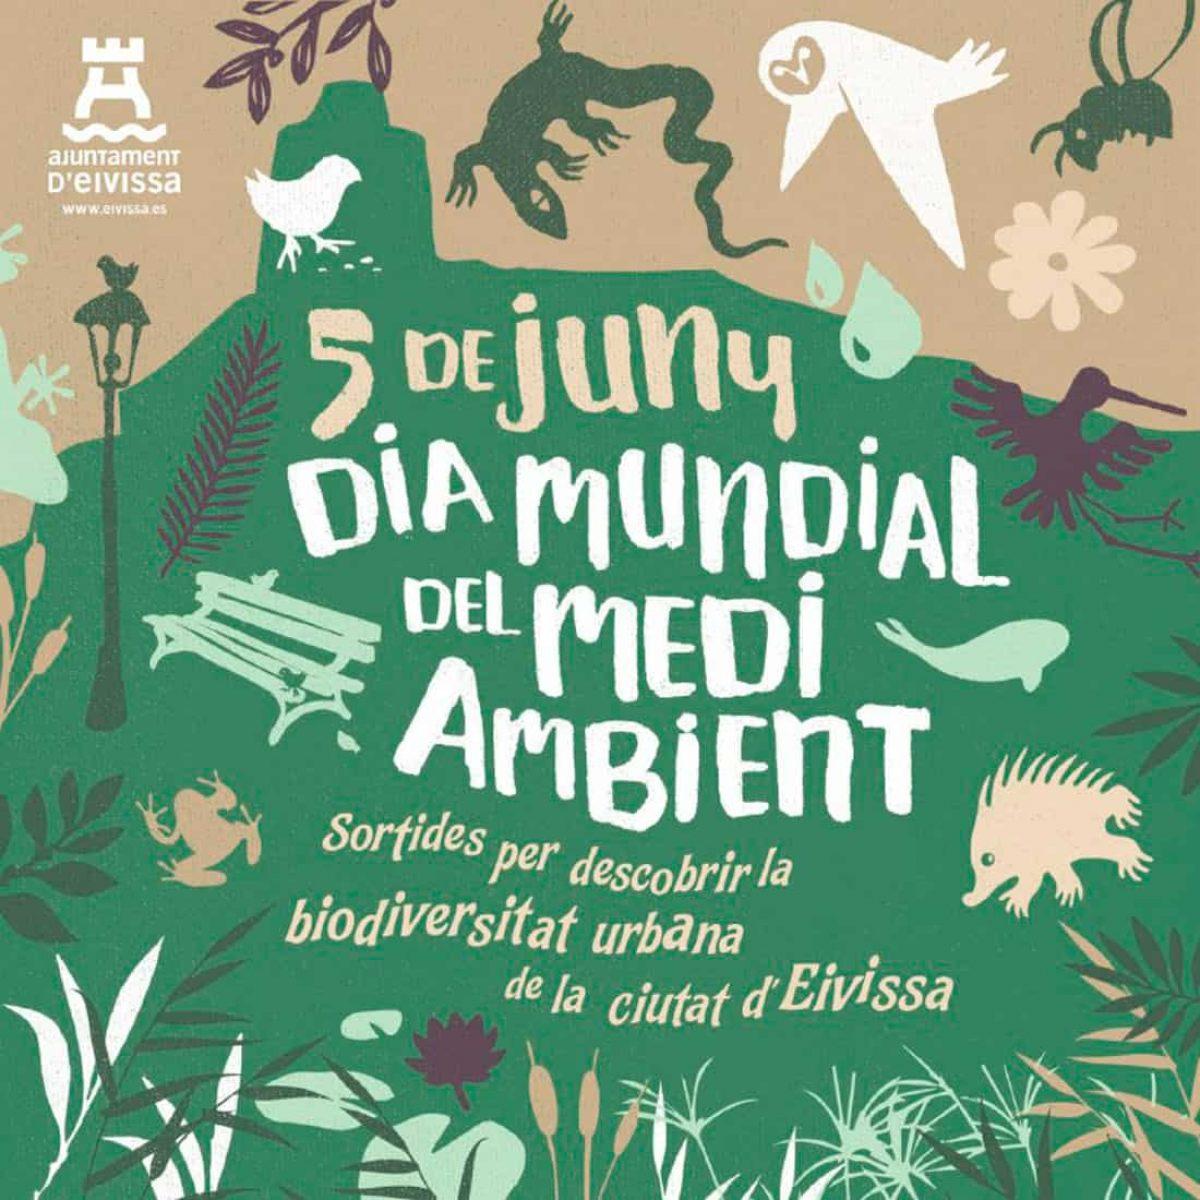 dia-mundial-del-medio-ambiente-ibiza-2021-welcometoibiza